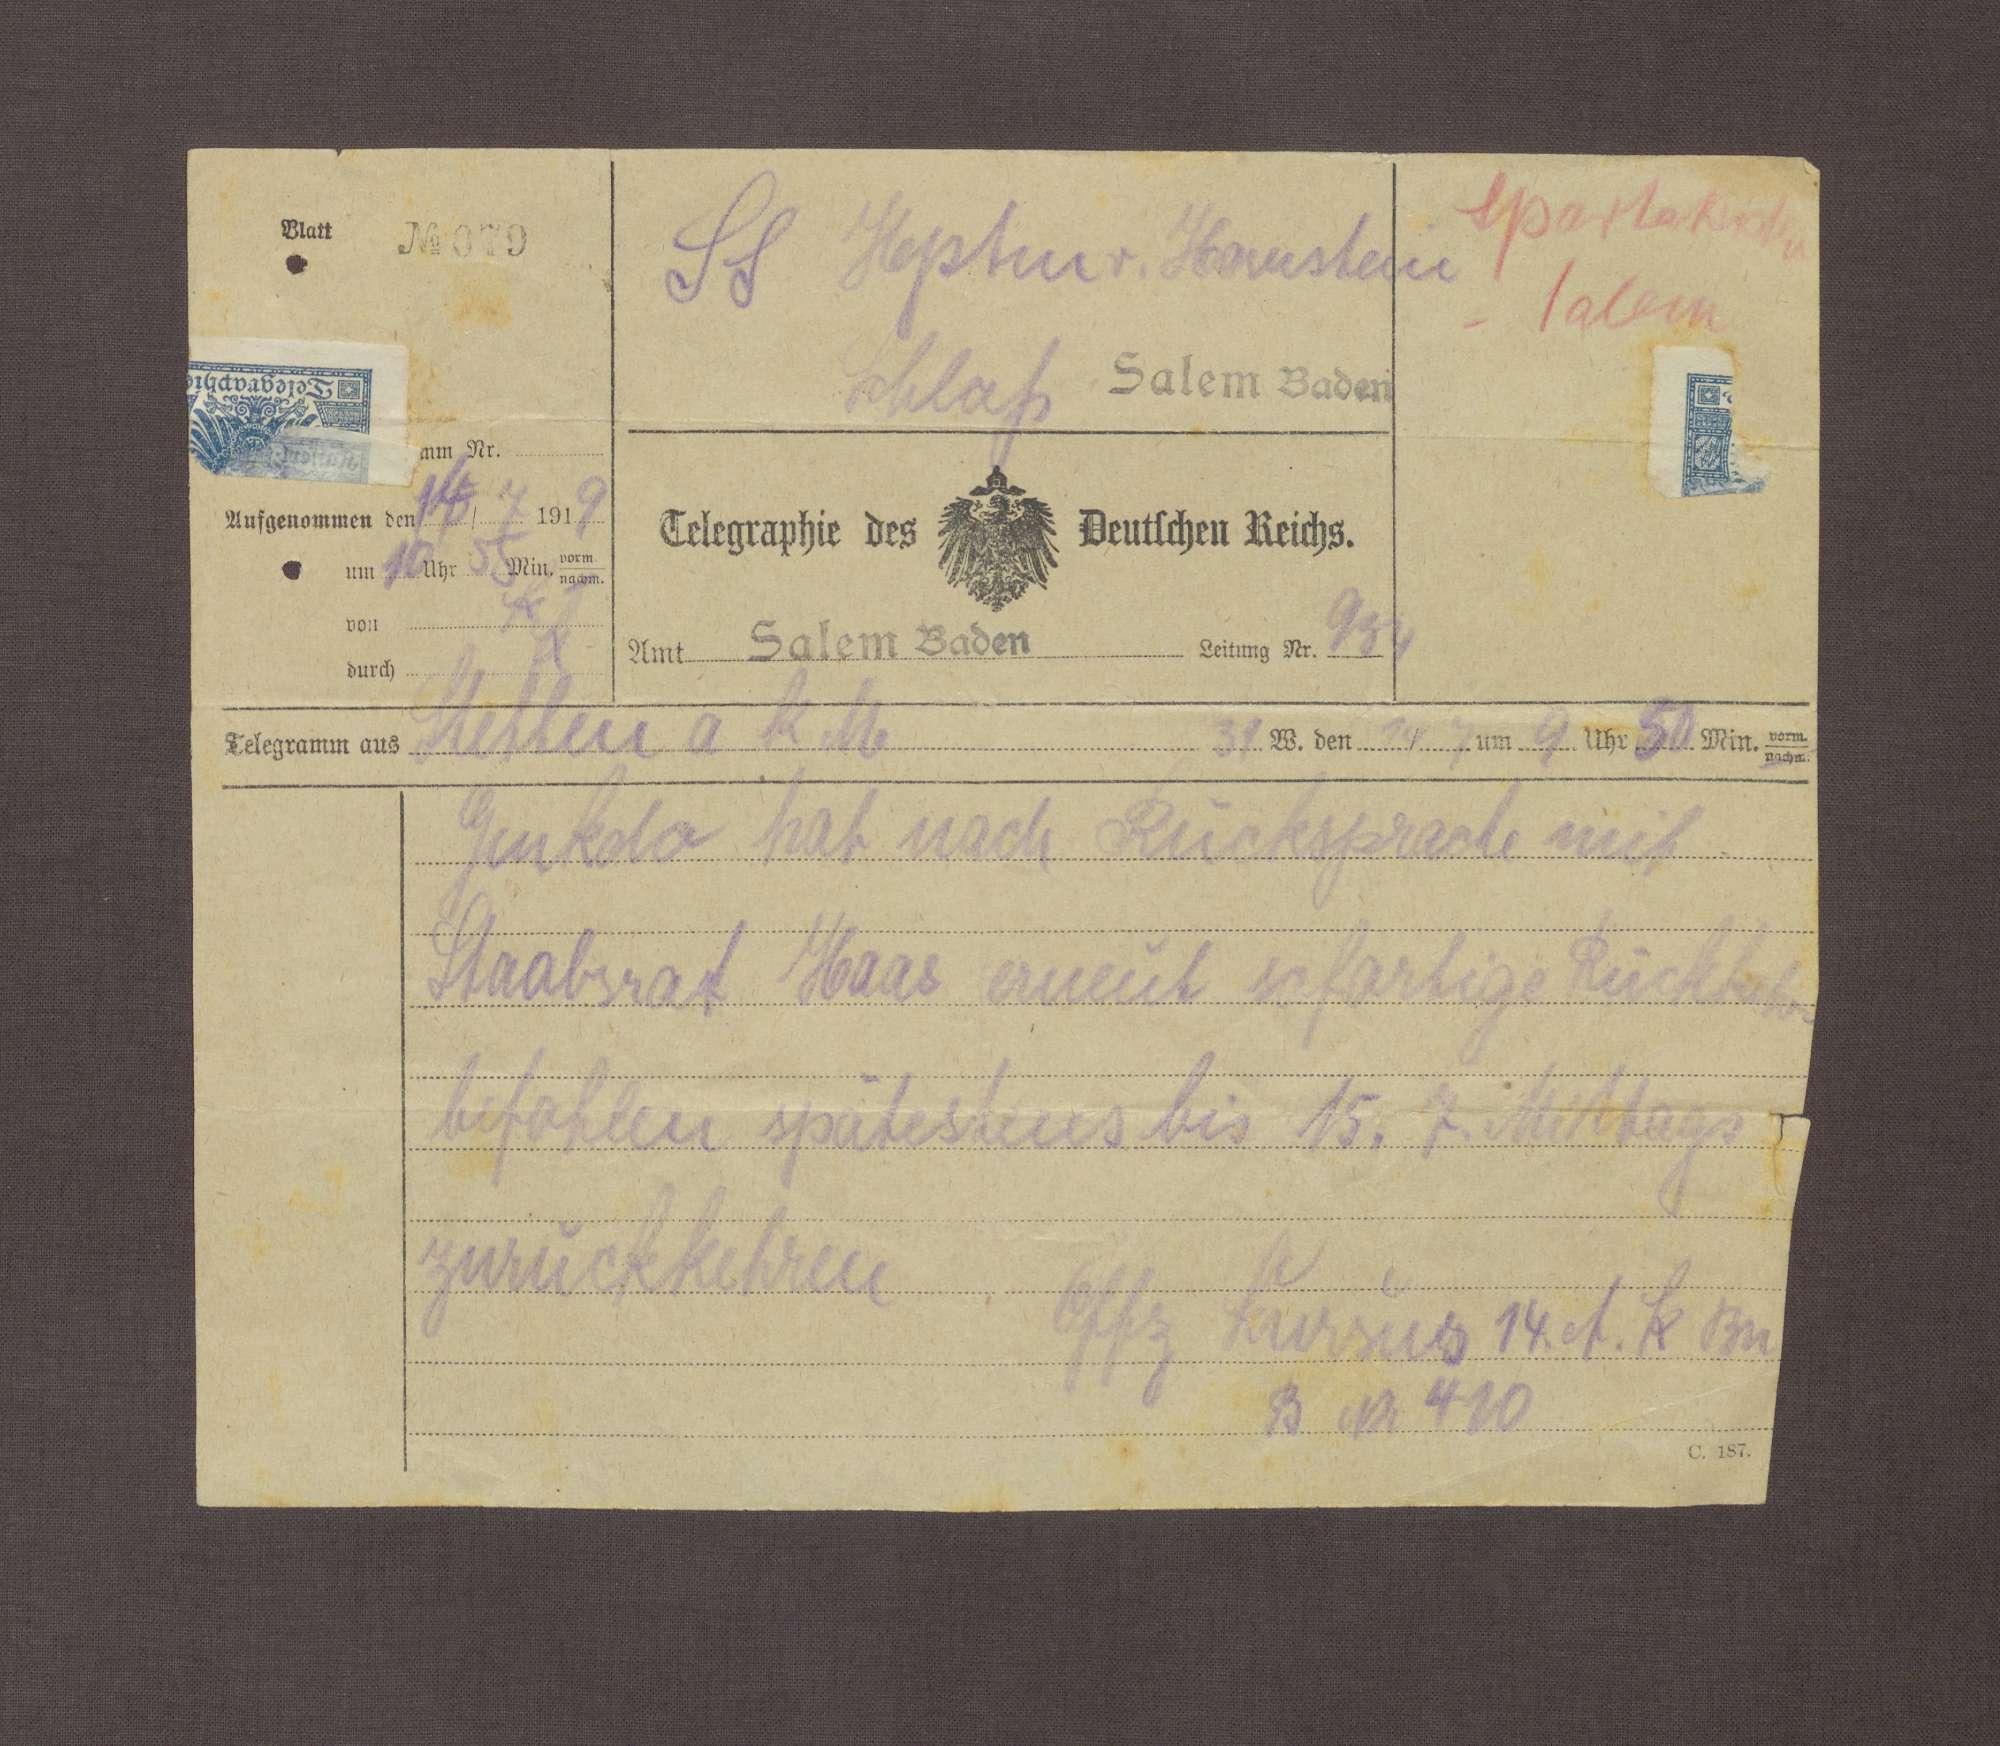 Telegramm von Offizier Kursus; Befehl von Ludwig Haas zur Rückkehr der Truppen, Bild 1